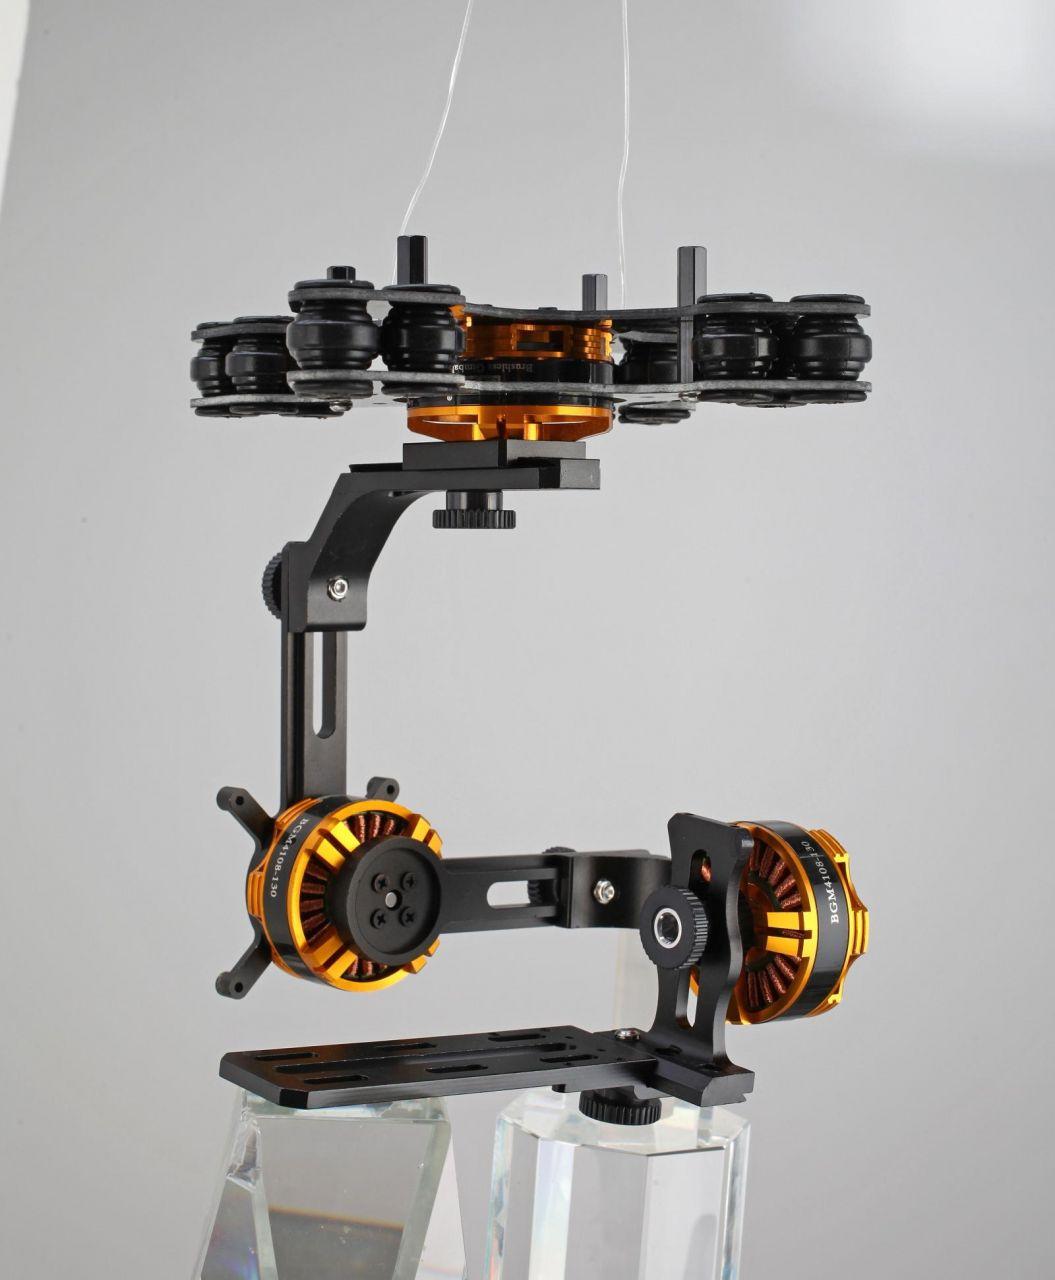 Brushless 3 Achsen Gimbal für Sony Nex inkl. 3x BGM4108 Gimbal Motoren